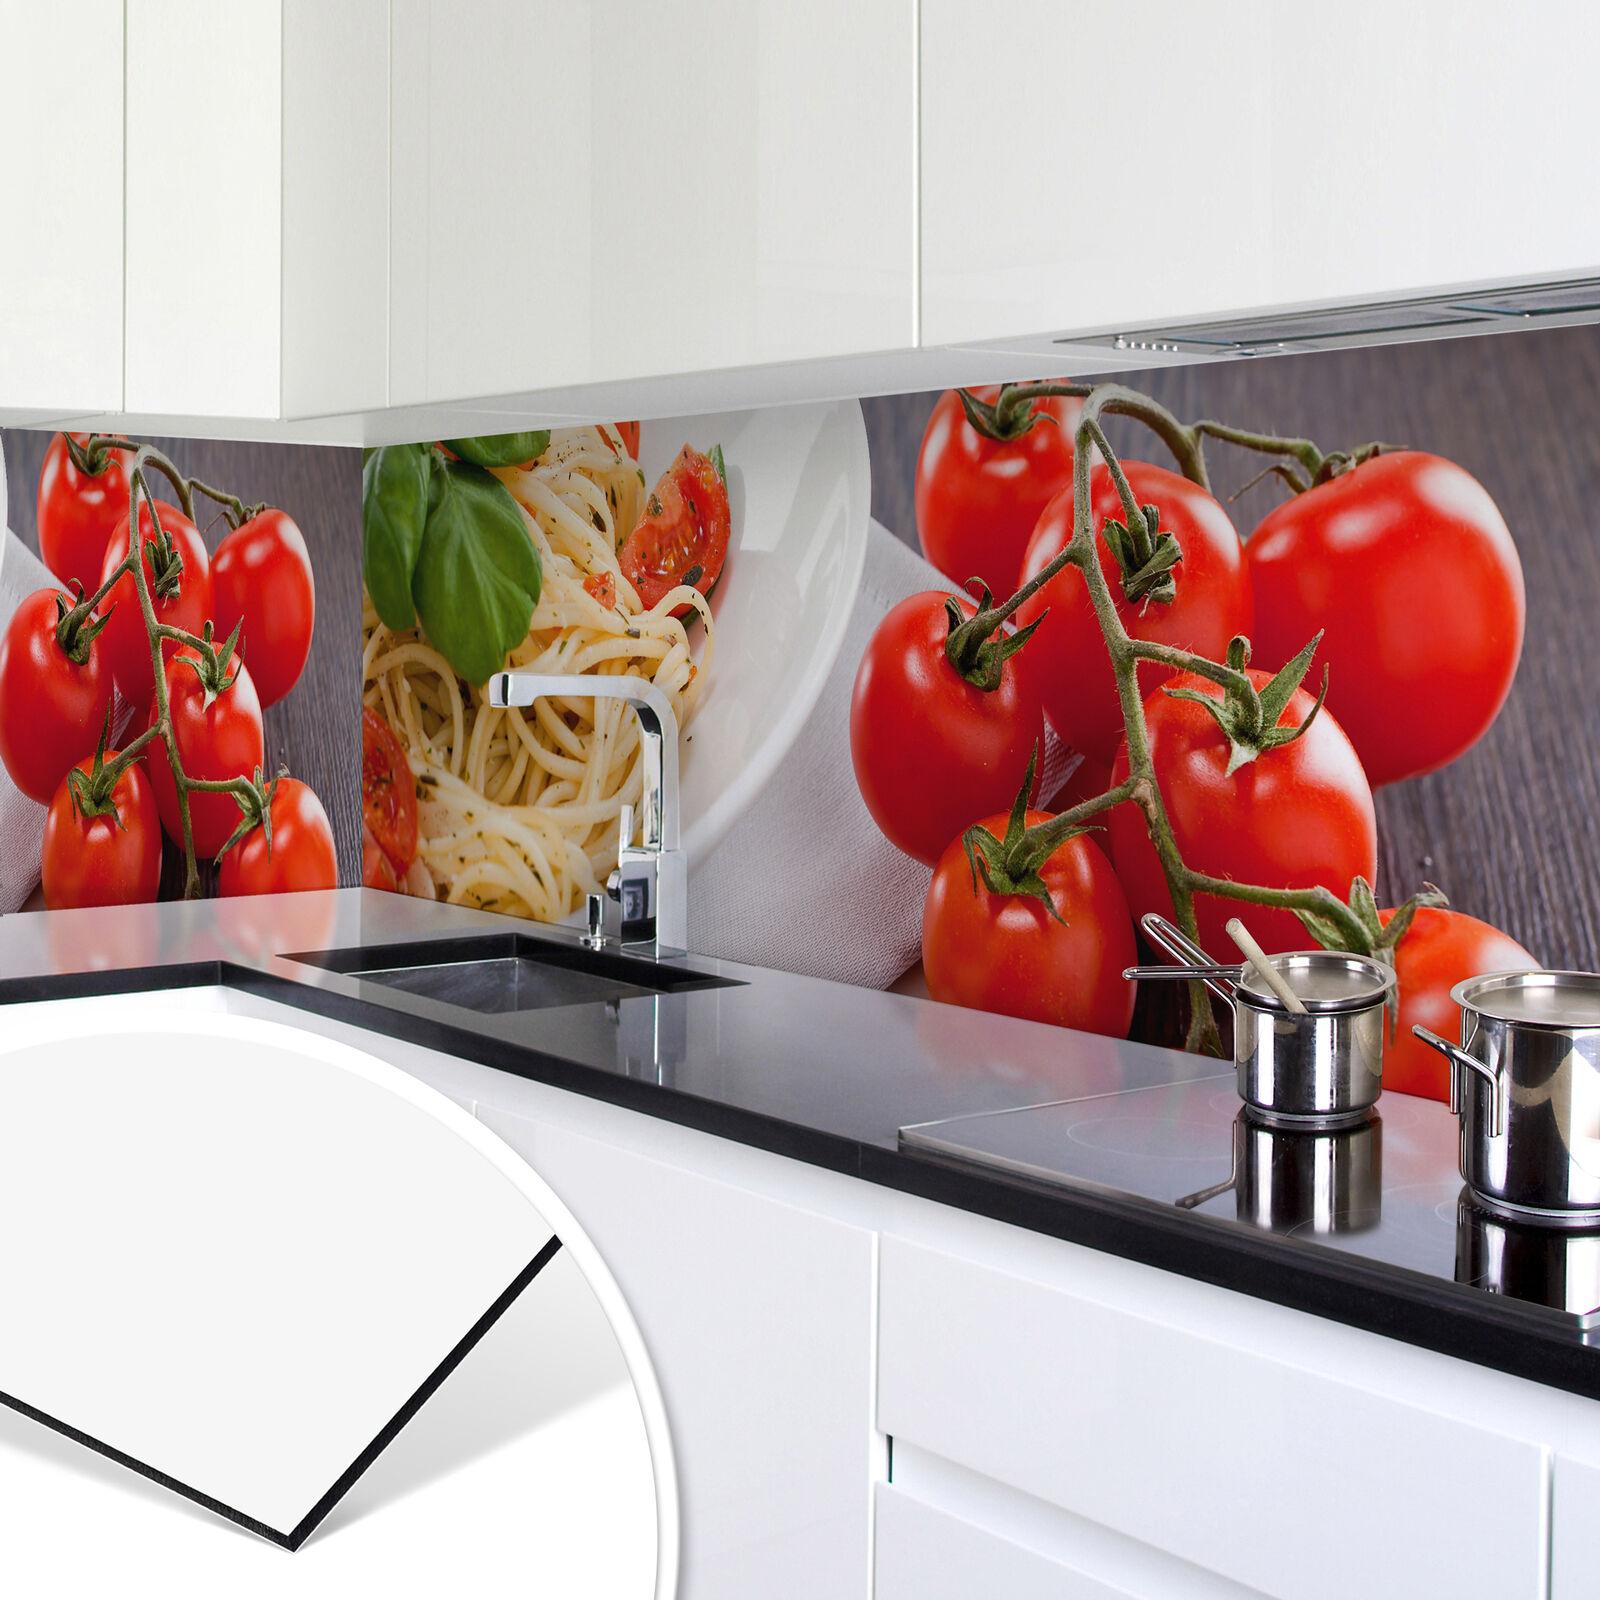 Cuisine Mur Arrière-Alu-Dibond-PASTA ITALIANO anti-projections CUISINE DECO IMAGE